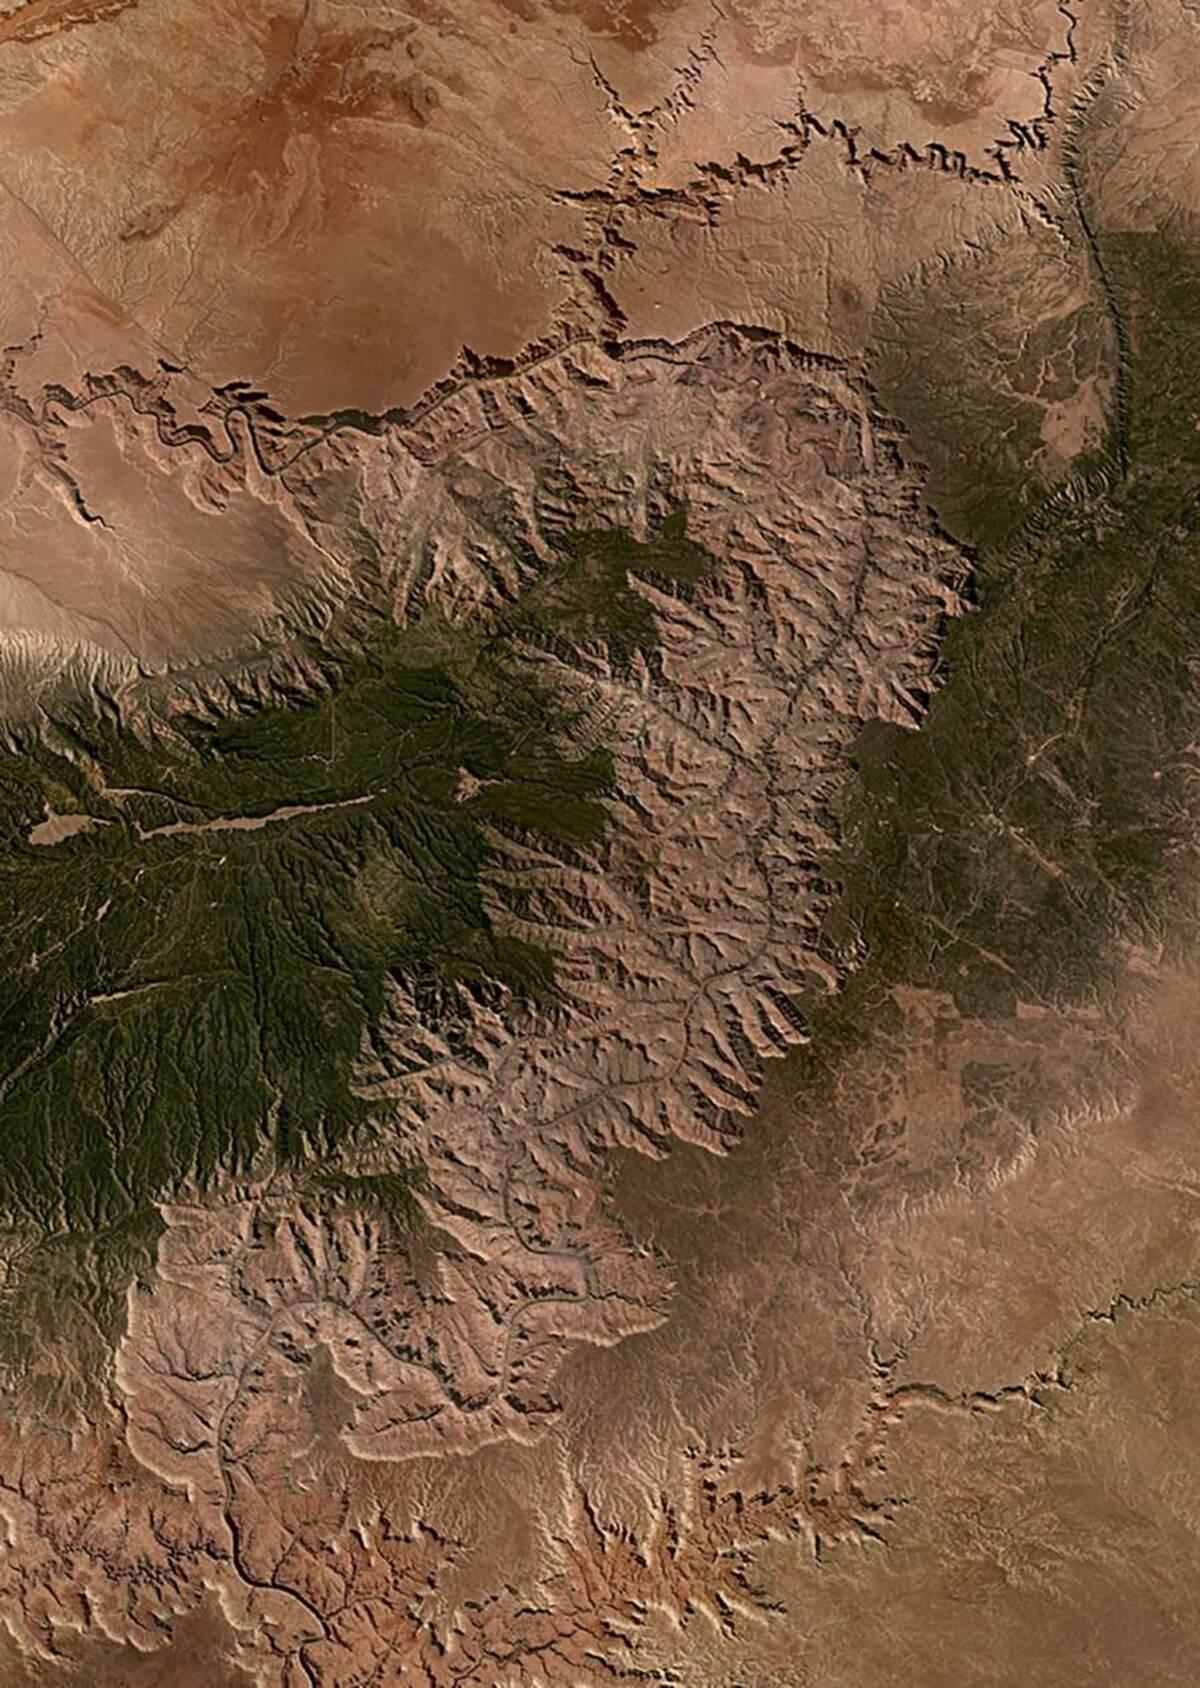 Sẽ thế nào khi ngắm nhìn Di sản Thế giới từ trên cao?